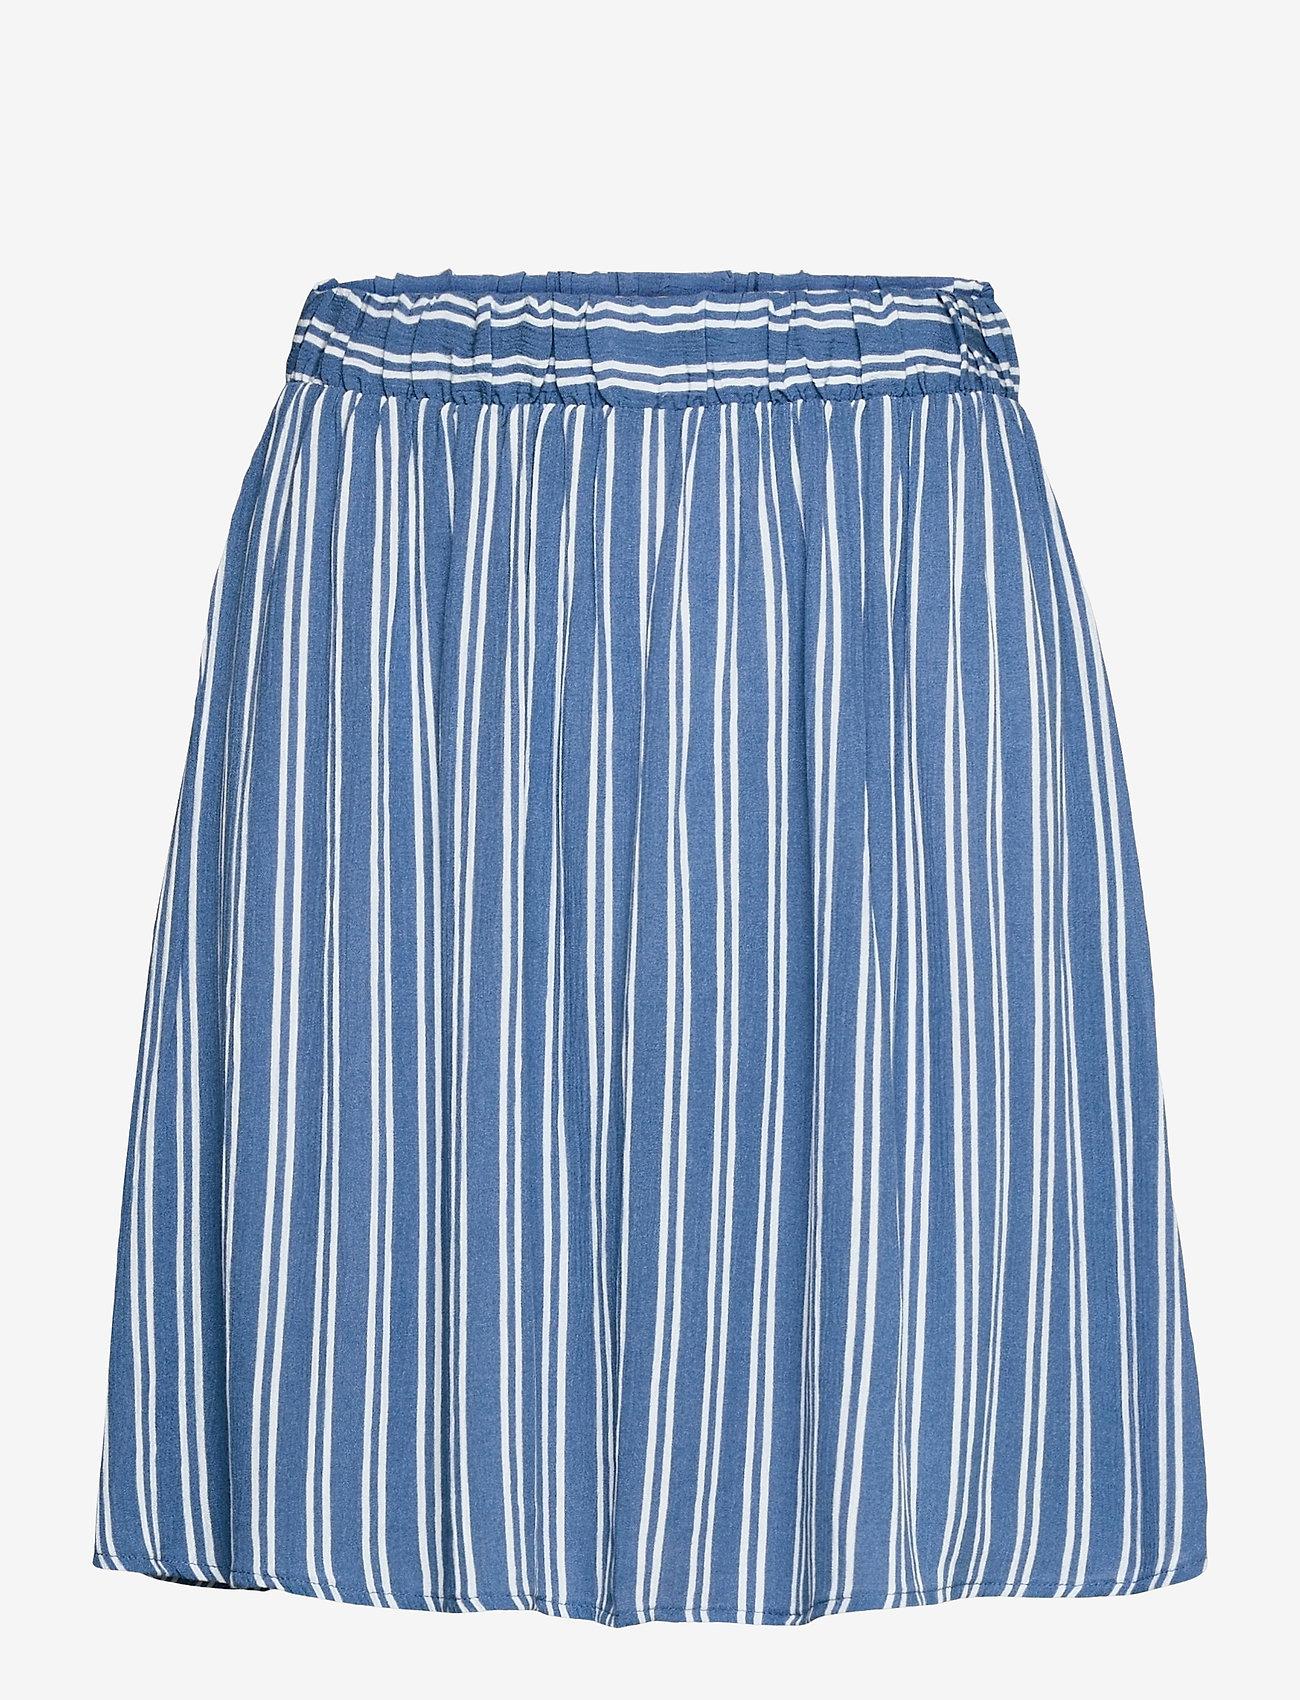 ICHI - IHMARRAKECH AOP SK - short skirts - coronet blue - 0